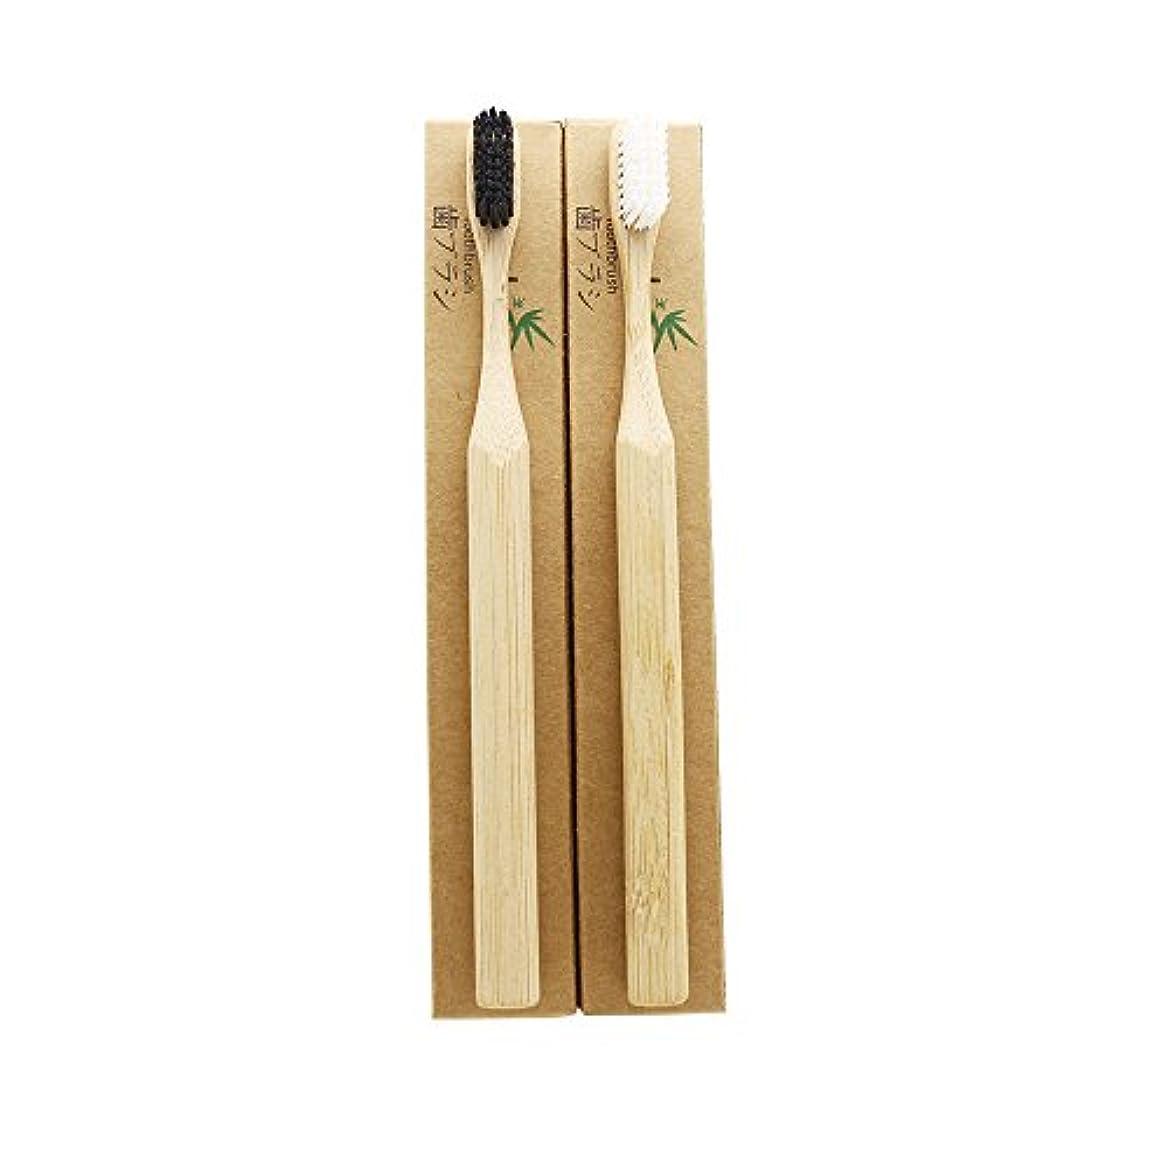 貢献小石検出するN-amboo 竹製 歯ブラシ 高耐久性 白と黒 セット エコ 丸いハンドル (2本)